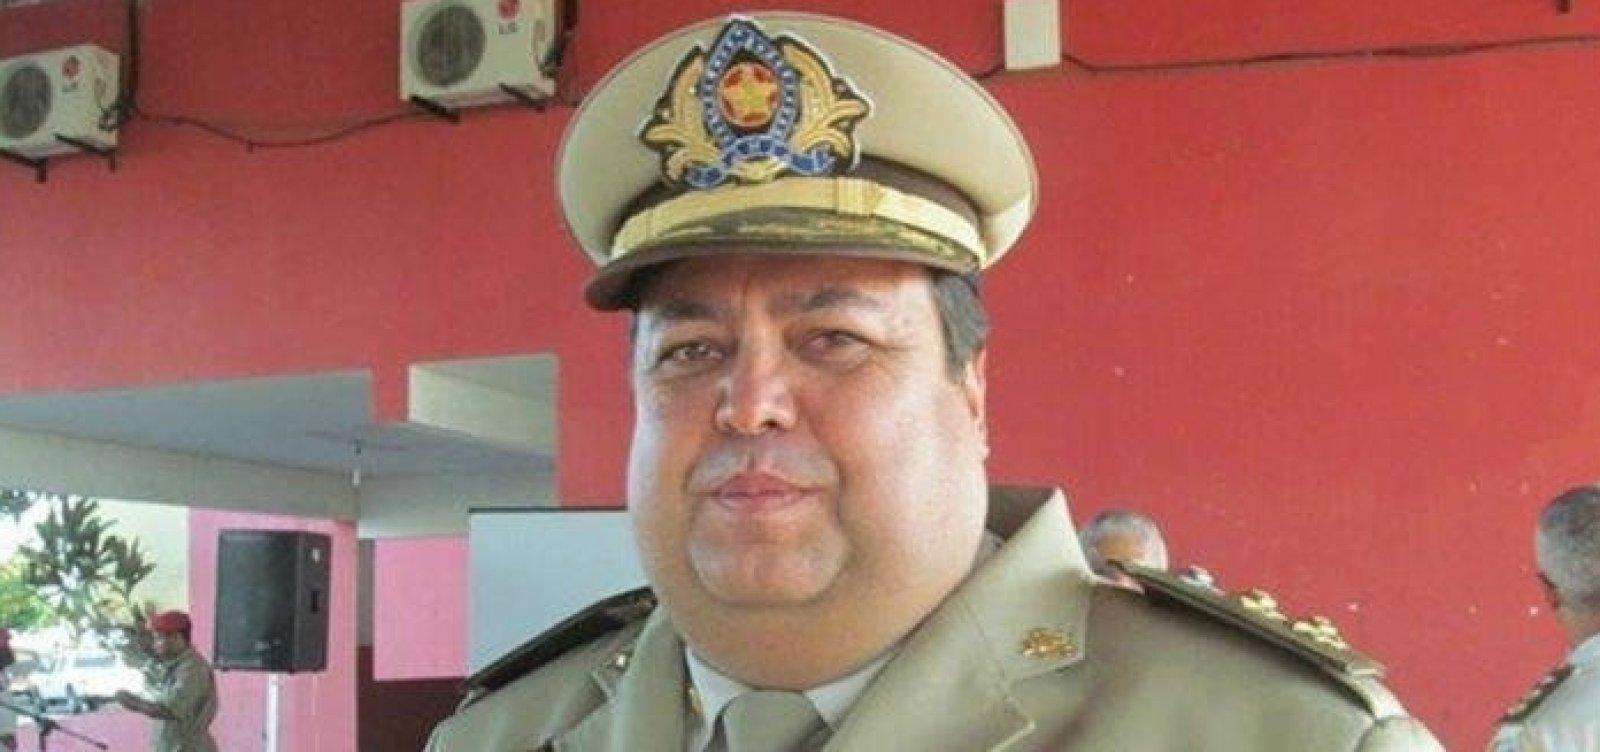 Coronel Adson Marchesini é o novo comandante-geral do Corpo de Bombeiros da Bahia